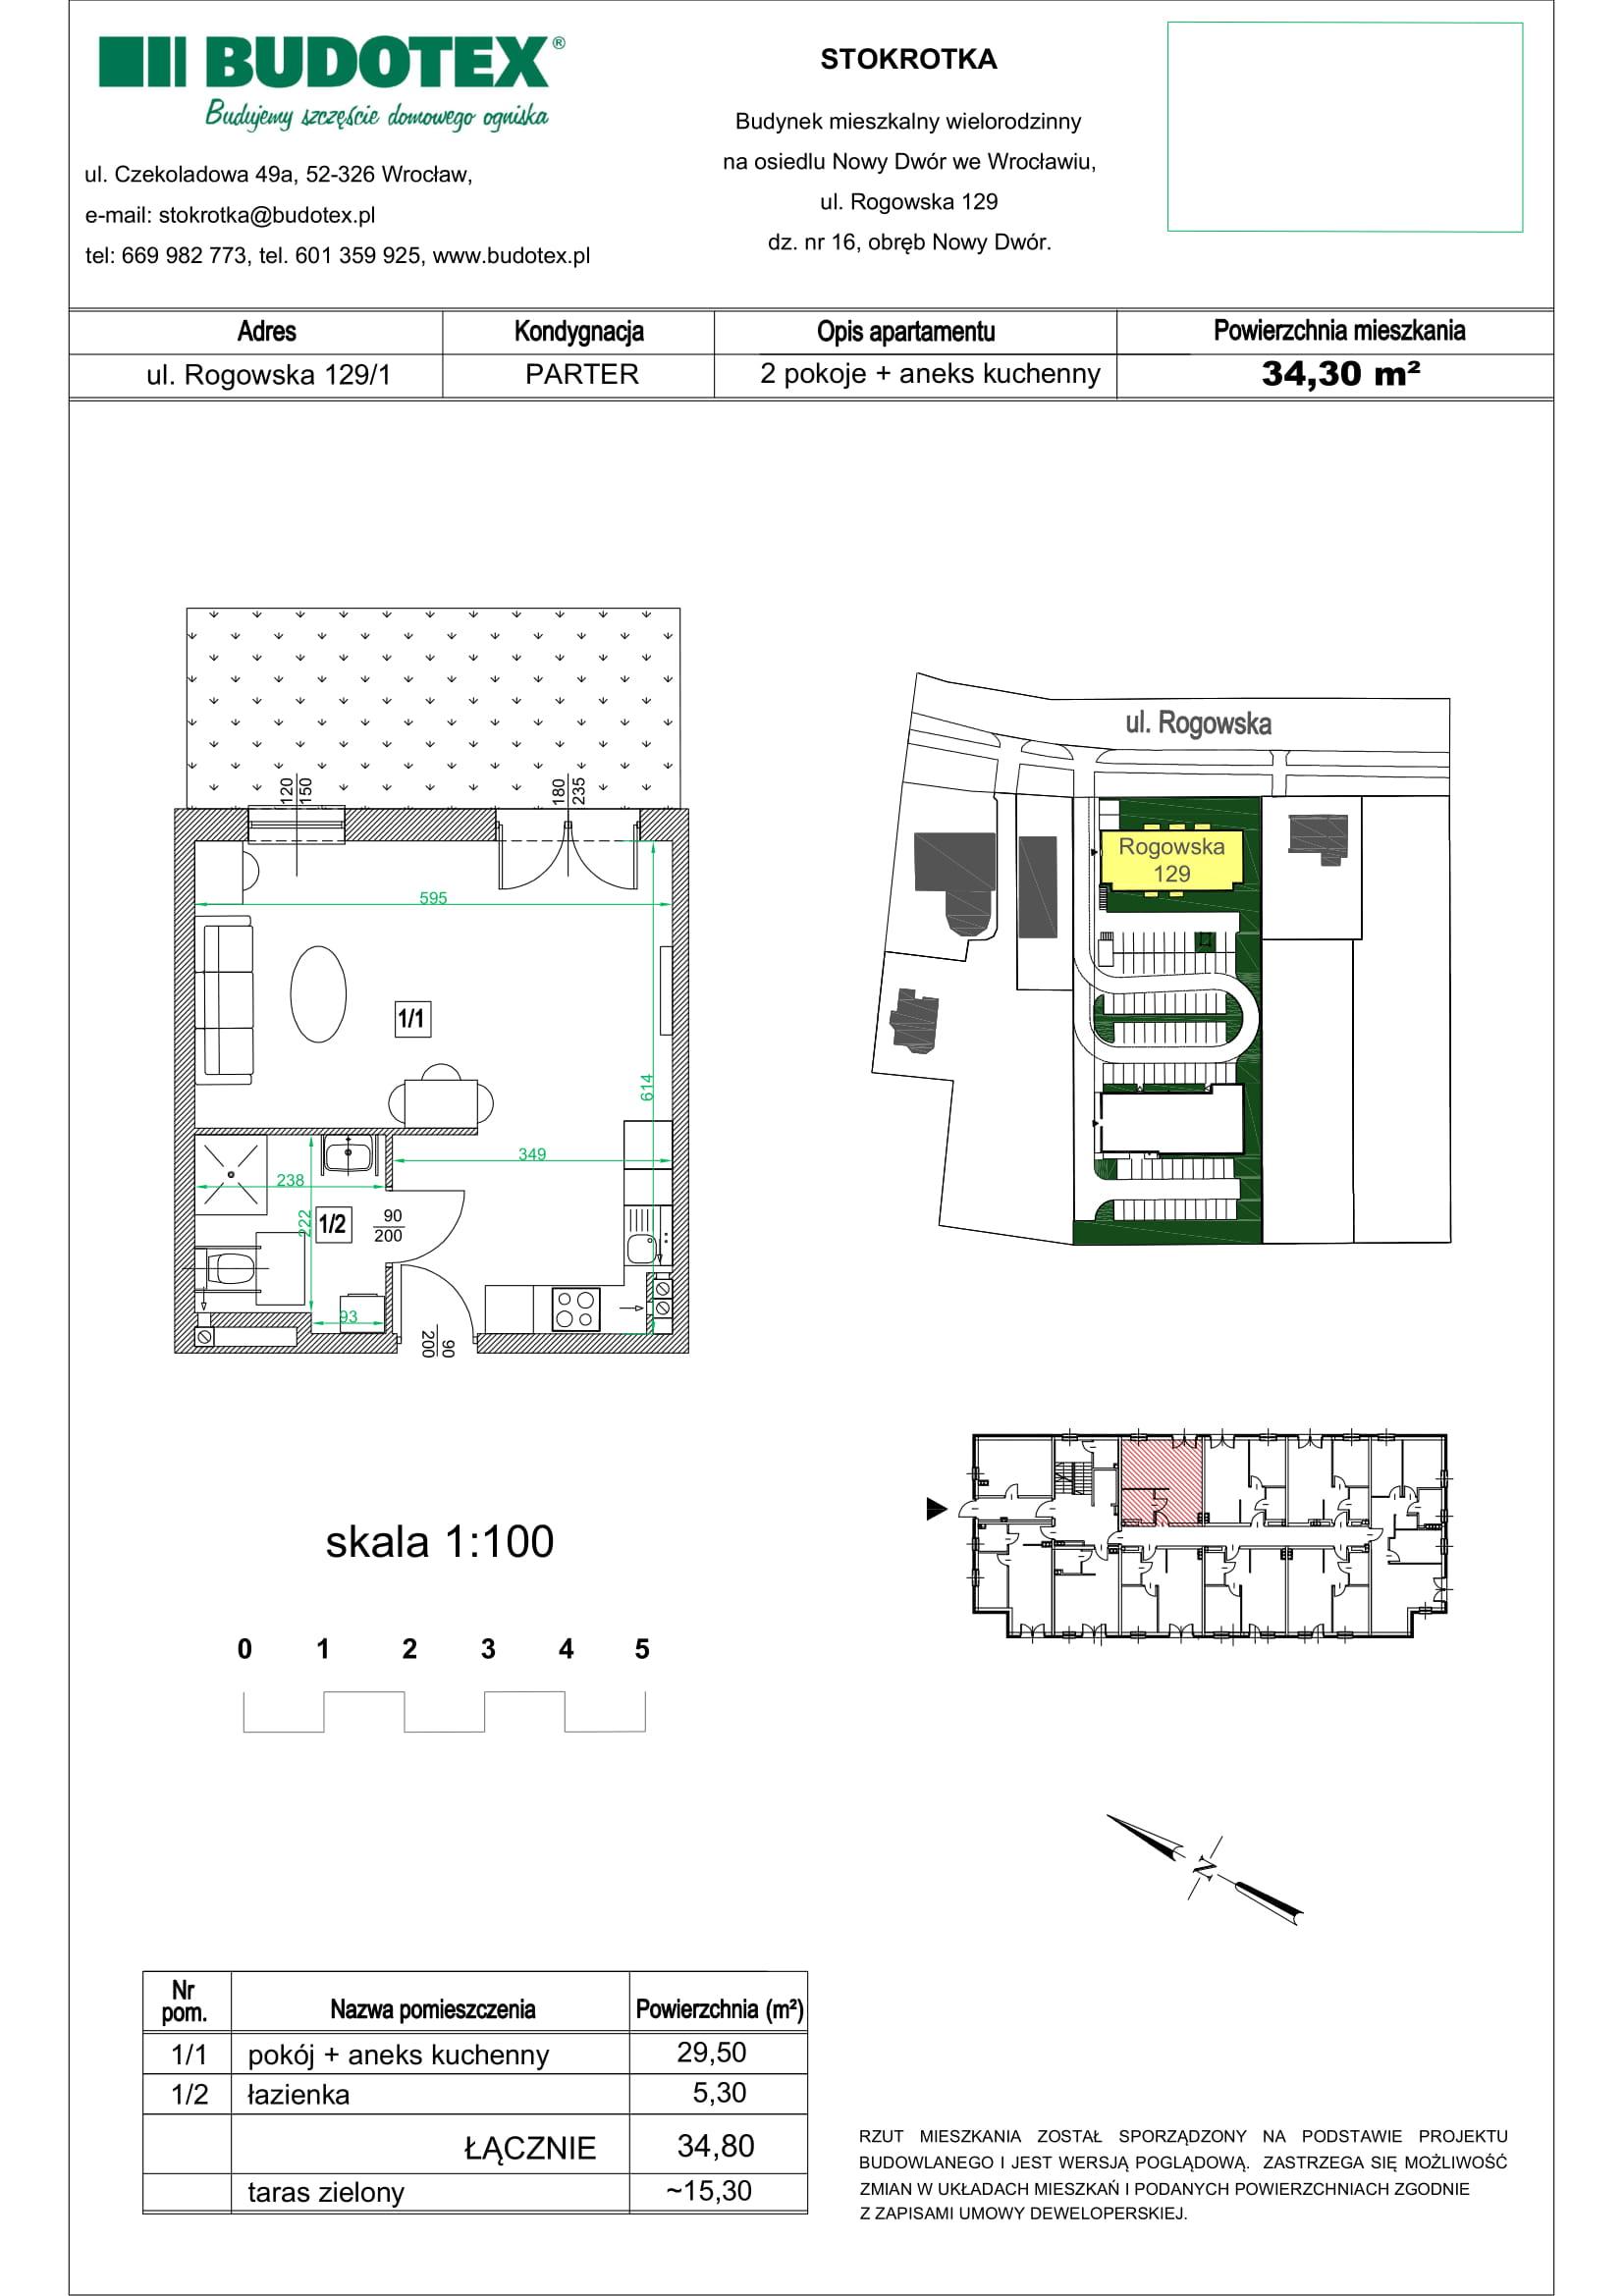 Mieszkanie nr 01